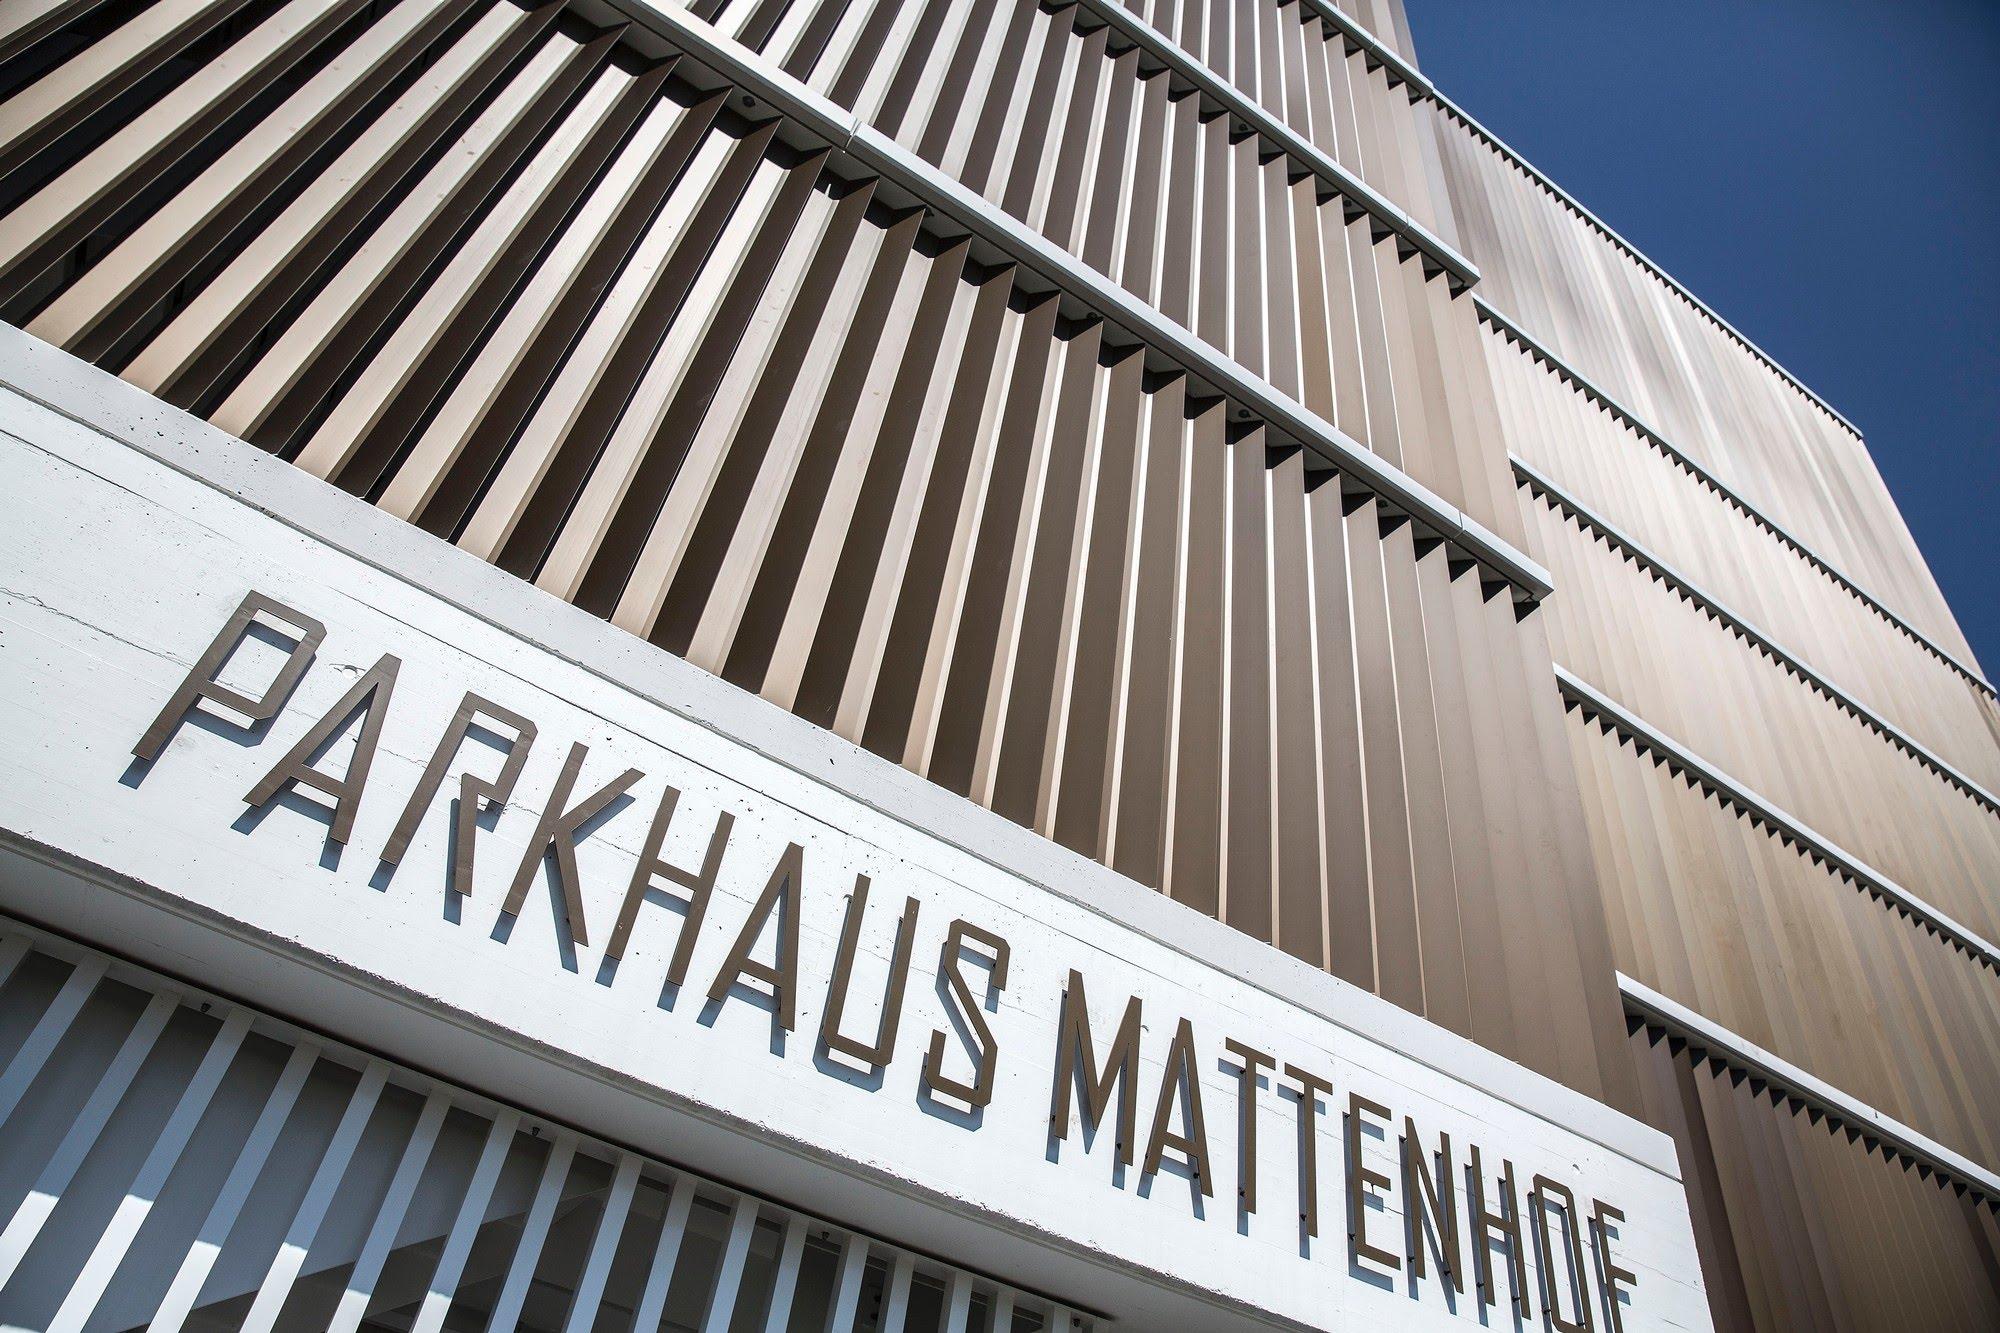 Industrie / Gewerbebau,Sichtbeton Parkhaus Mattenhof